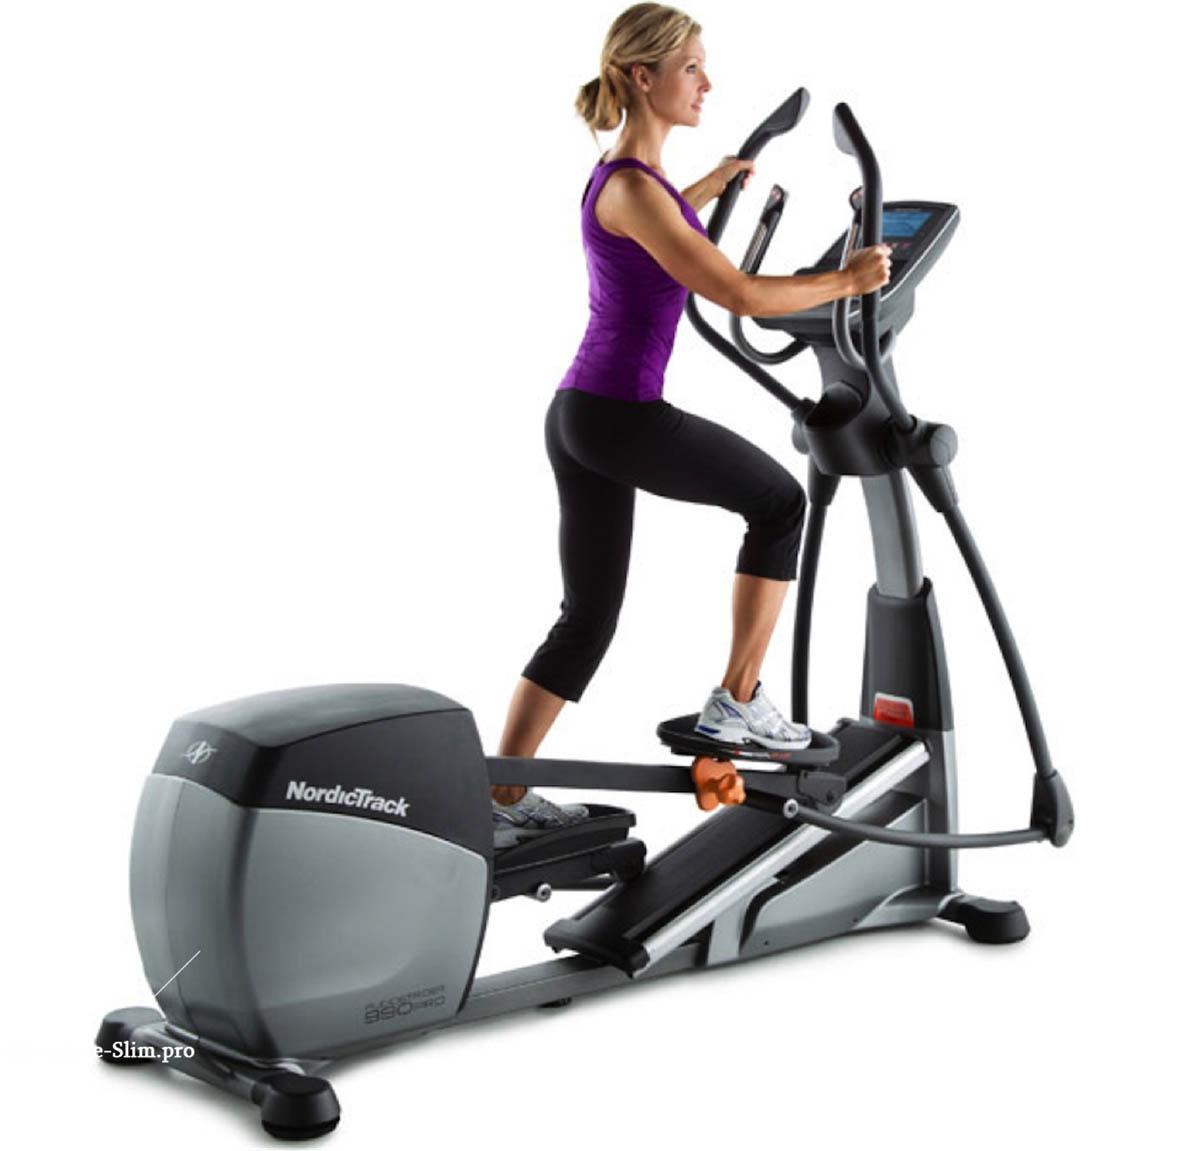 Тренировка на эллипсоиде для похудения - польза кардиоупражнений и программы занятий